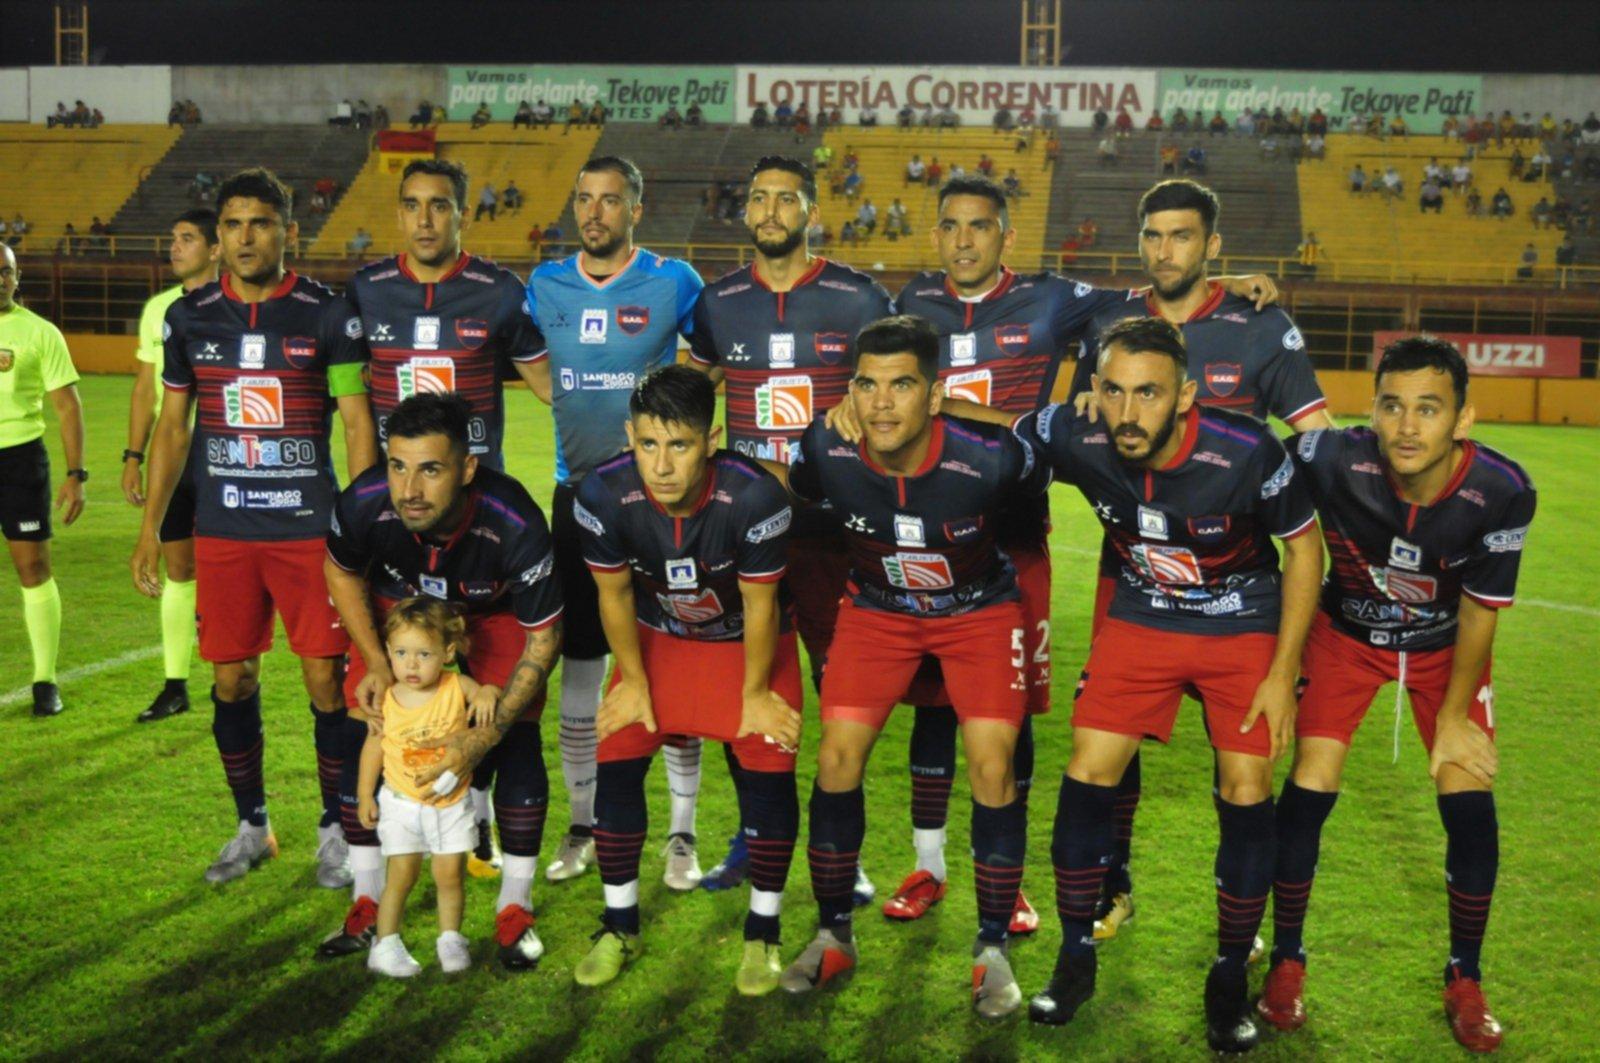 <p>Güemes. El equipo santiagueño podría ascender.</p>